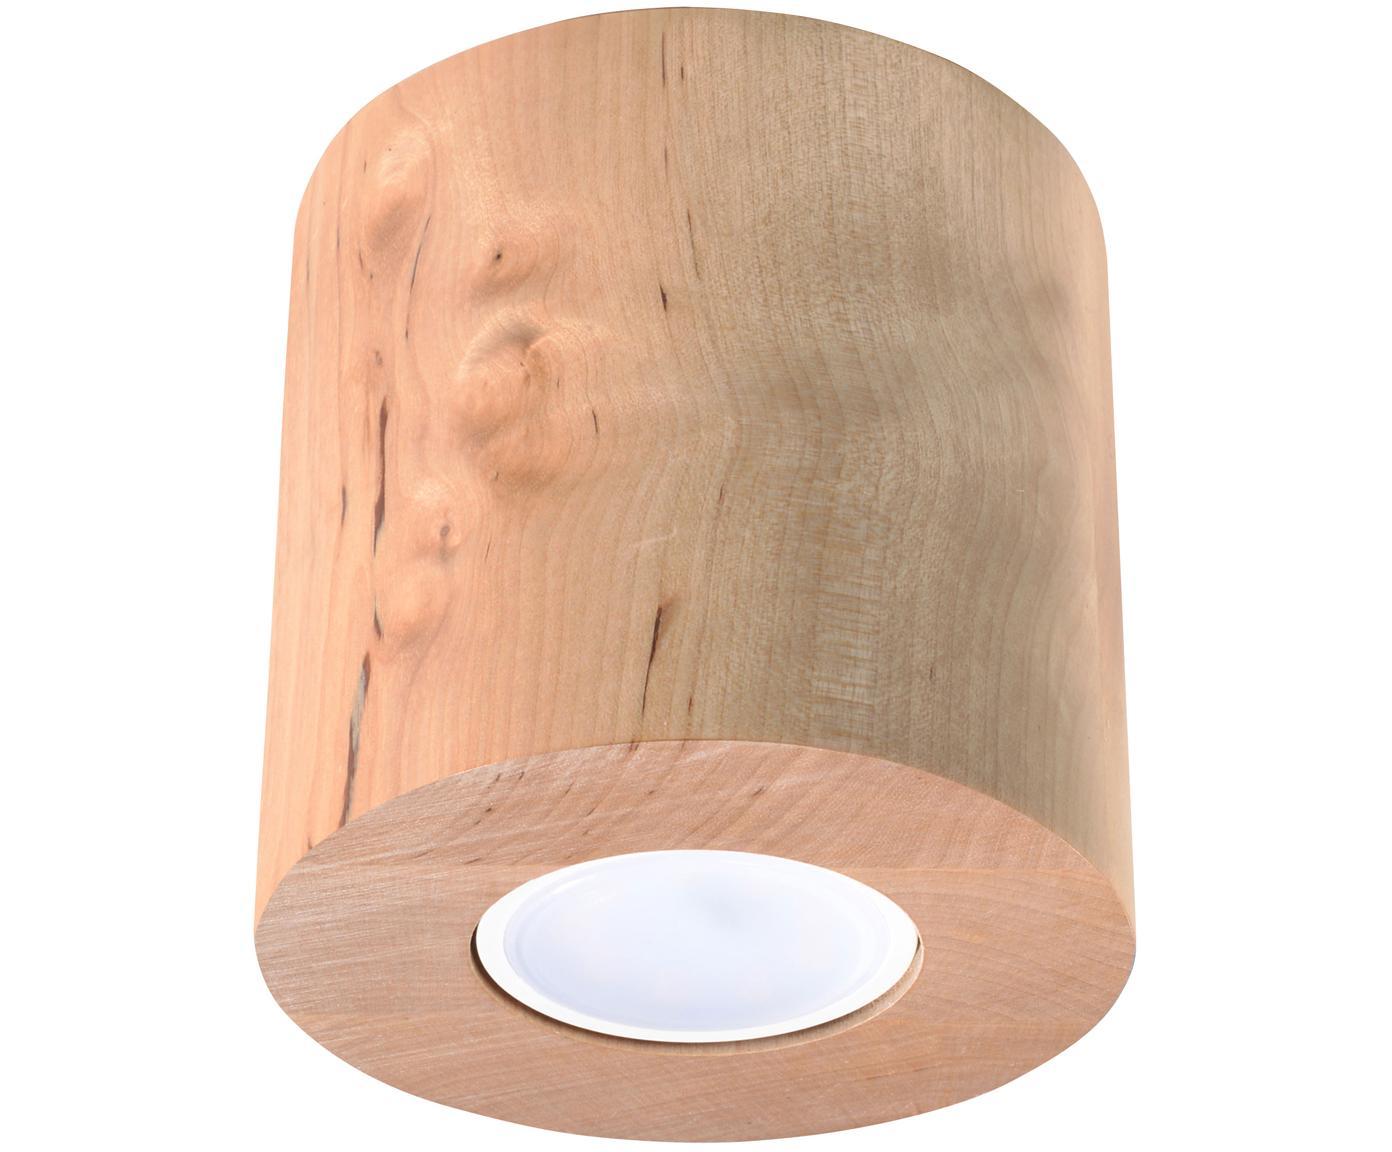 Lampa spot z drewna Roda, Jasny brązowy, Ø 10 x W 12 cm